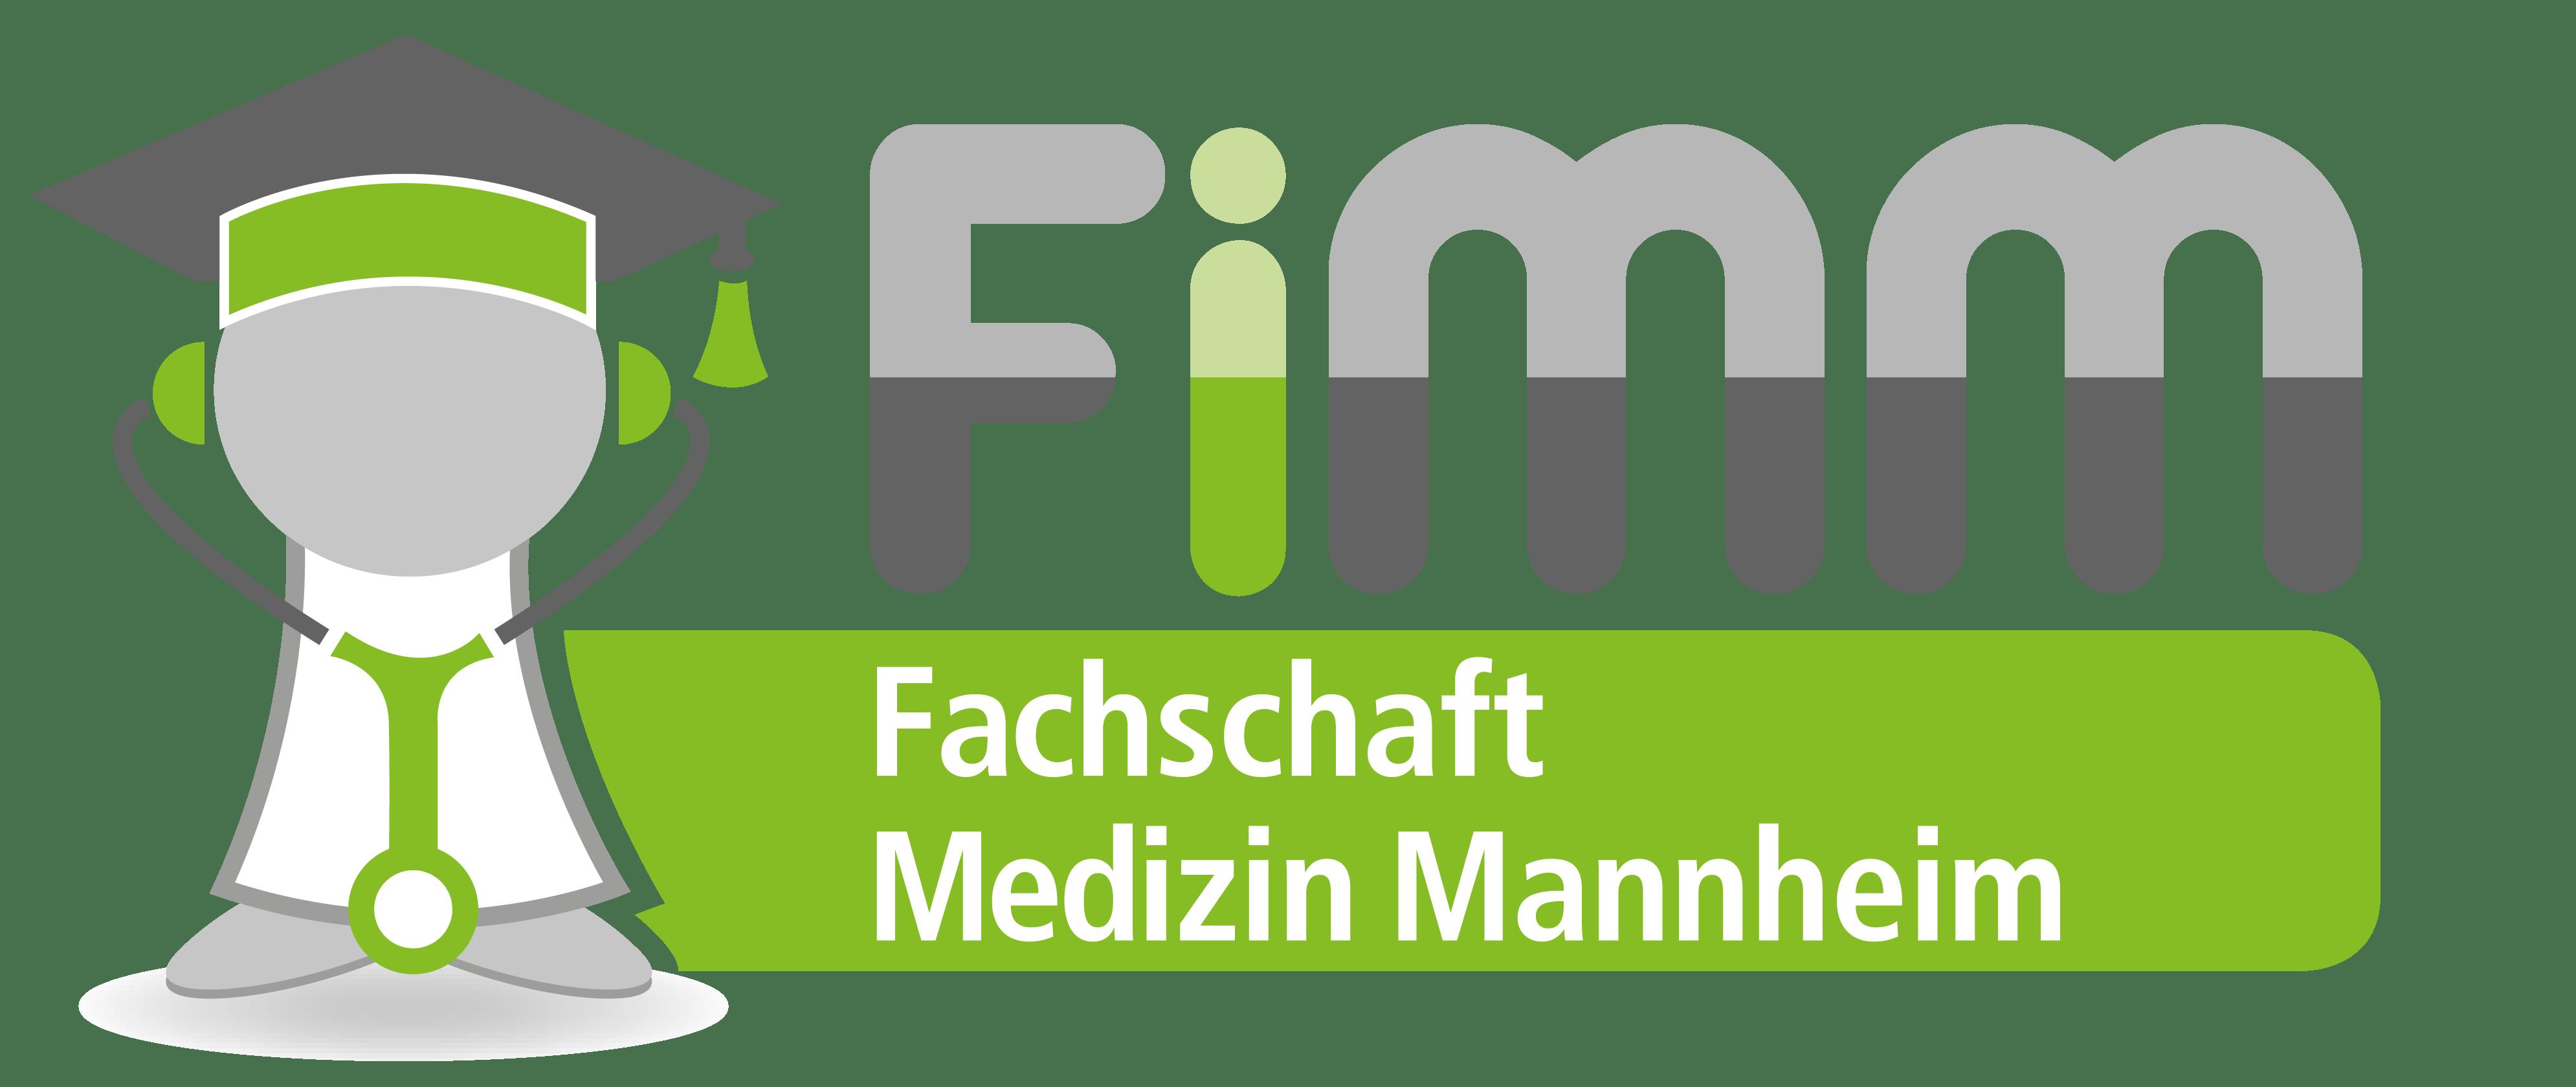 Fachschaft Medizin Mannheim